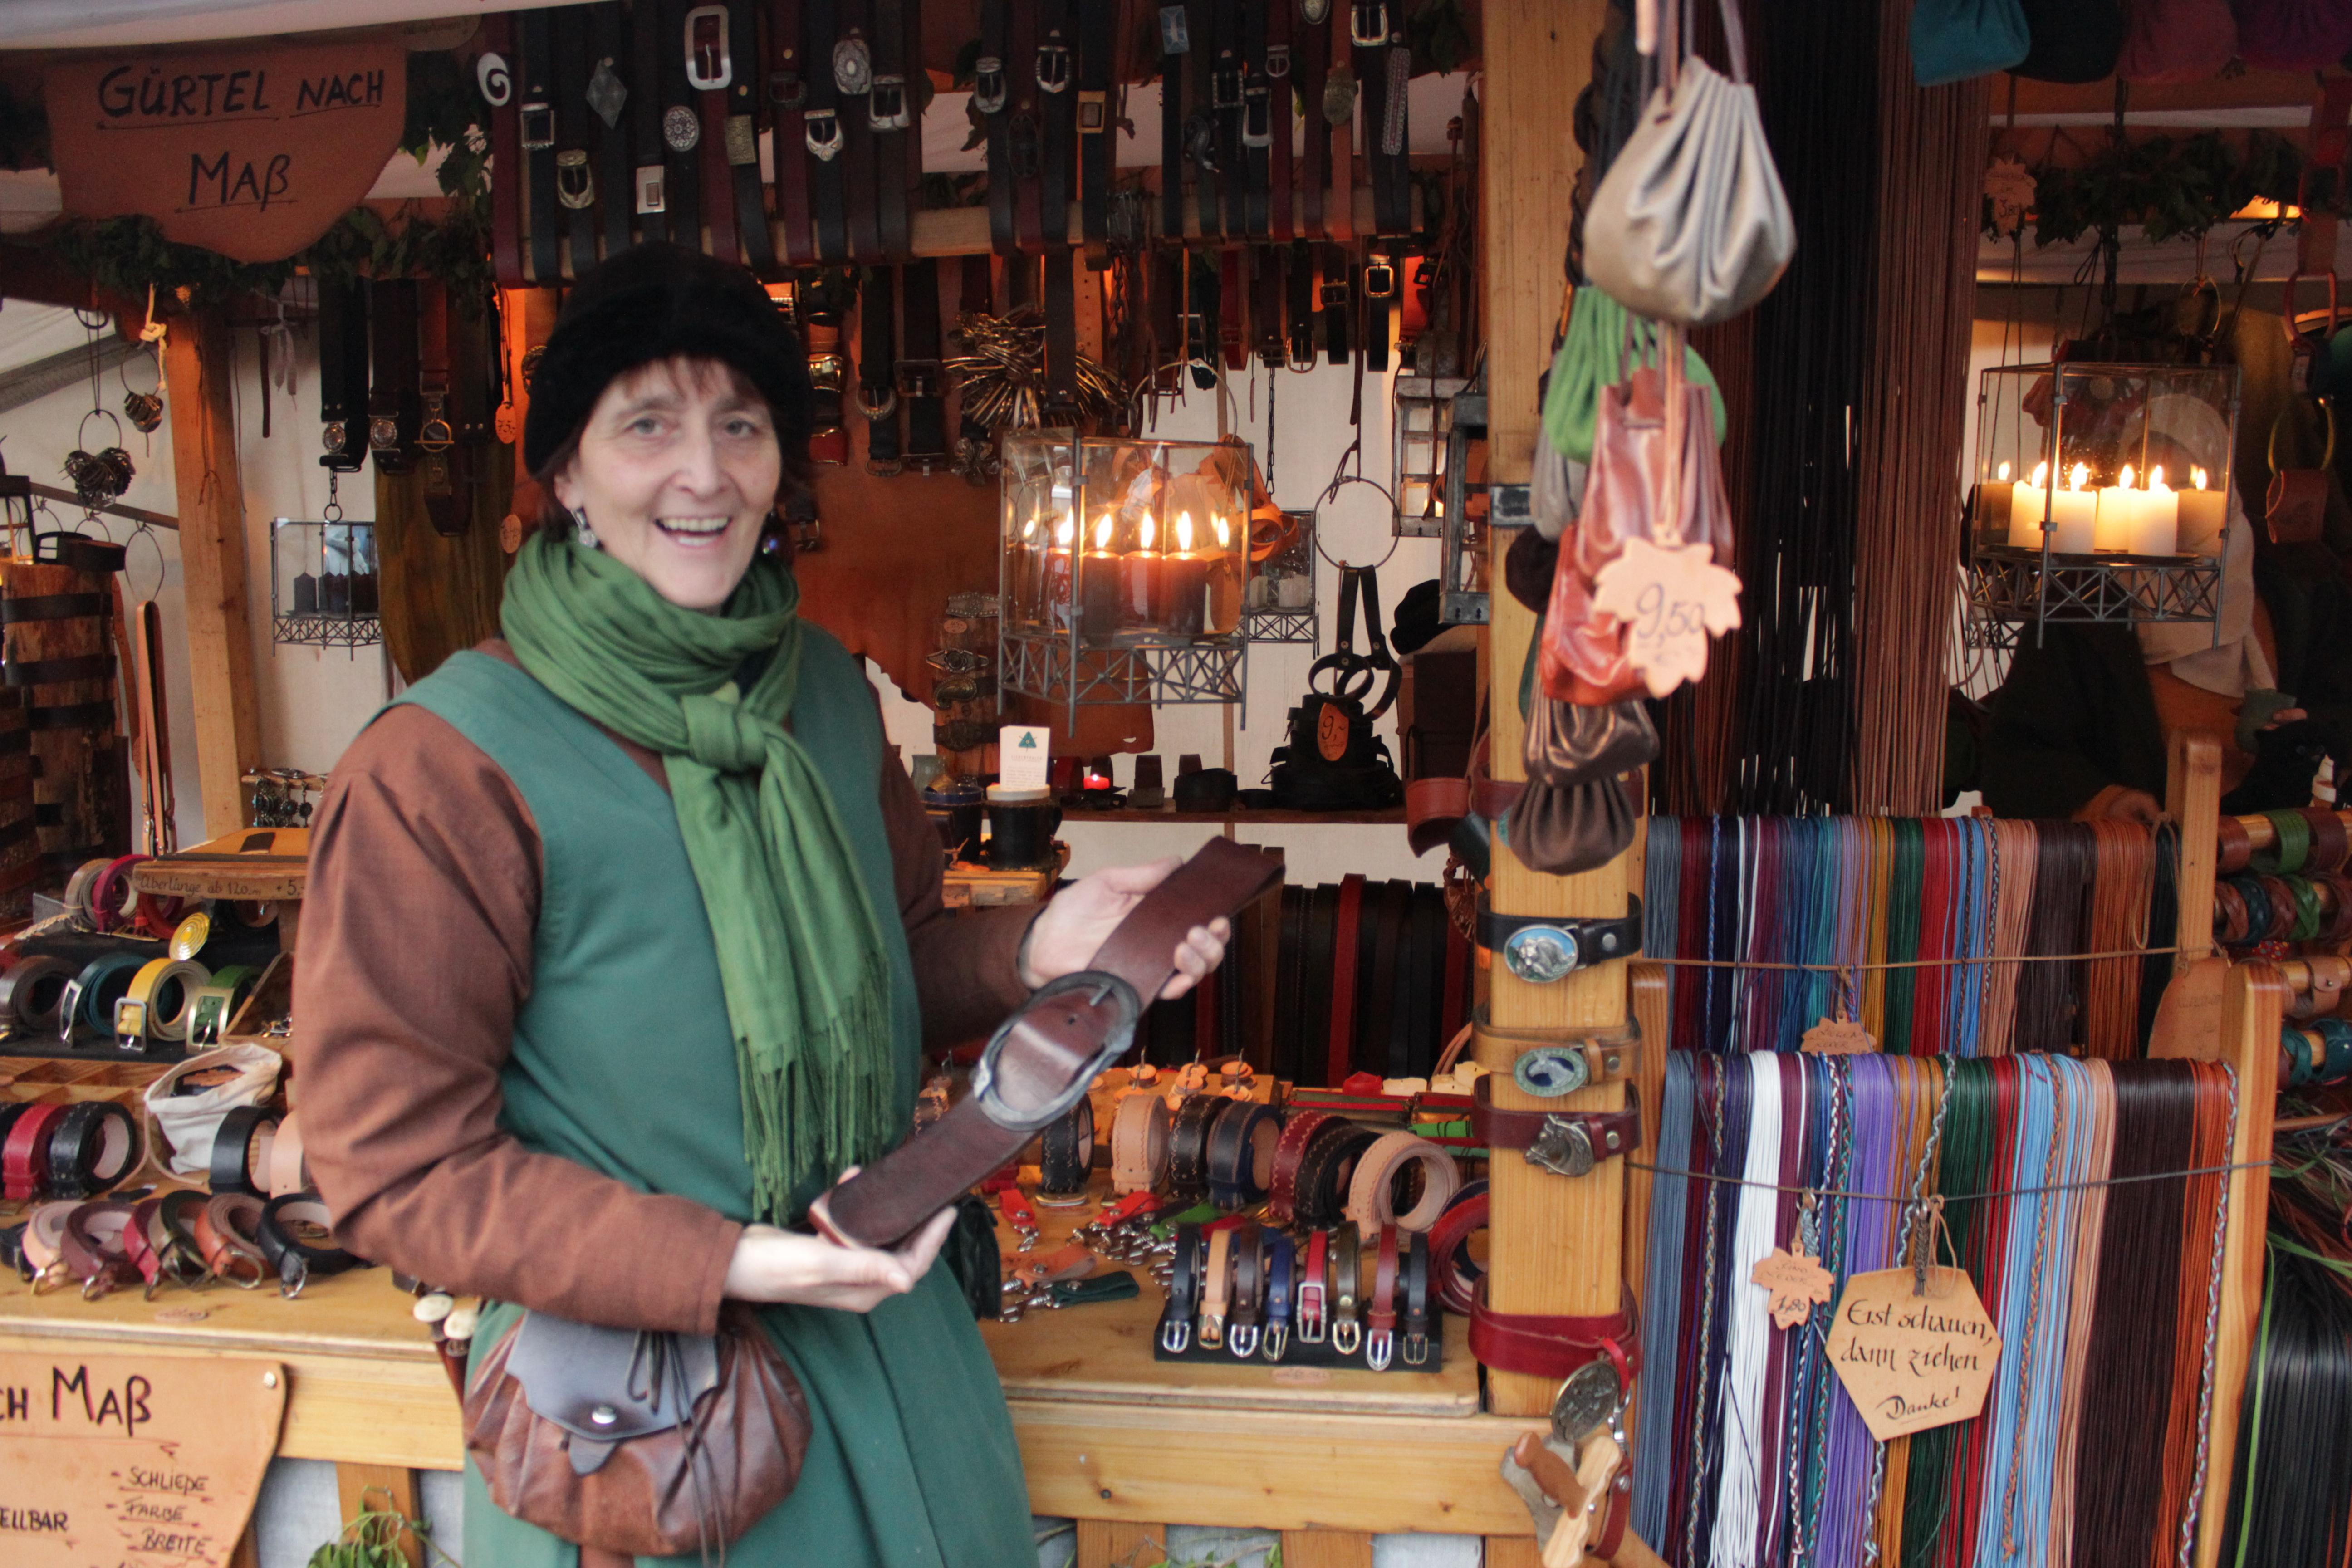 Riemenschneiderin Clara Siegenthaler zeigt einen selbst geschneiderten Gürtel